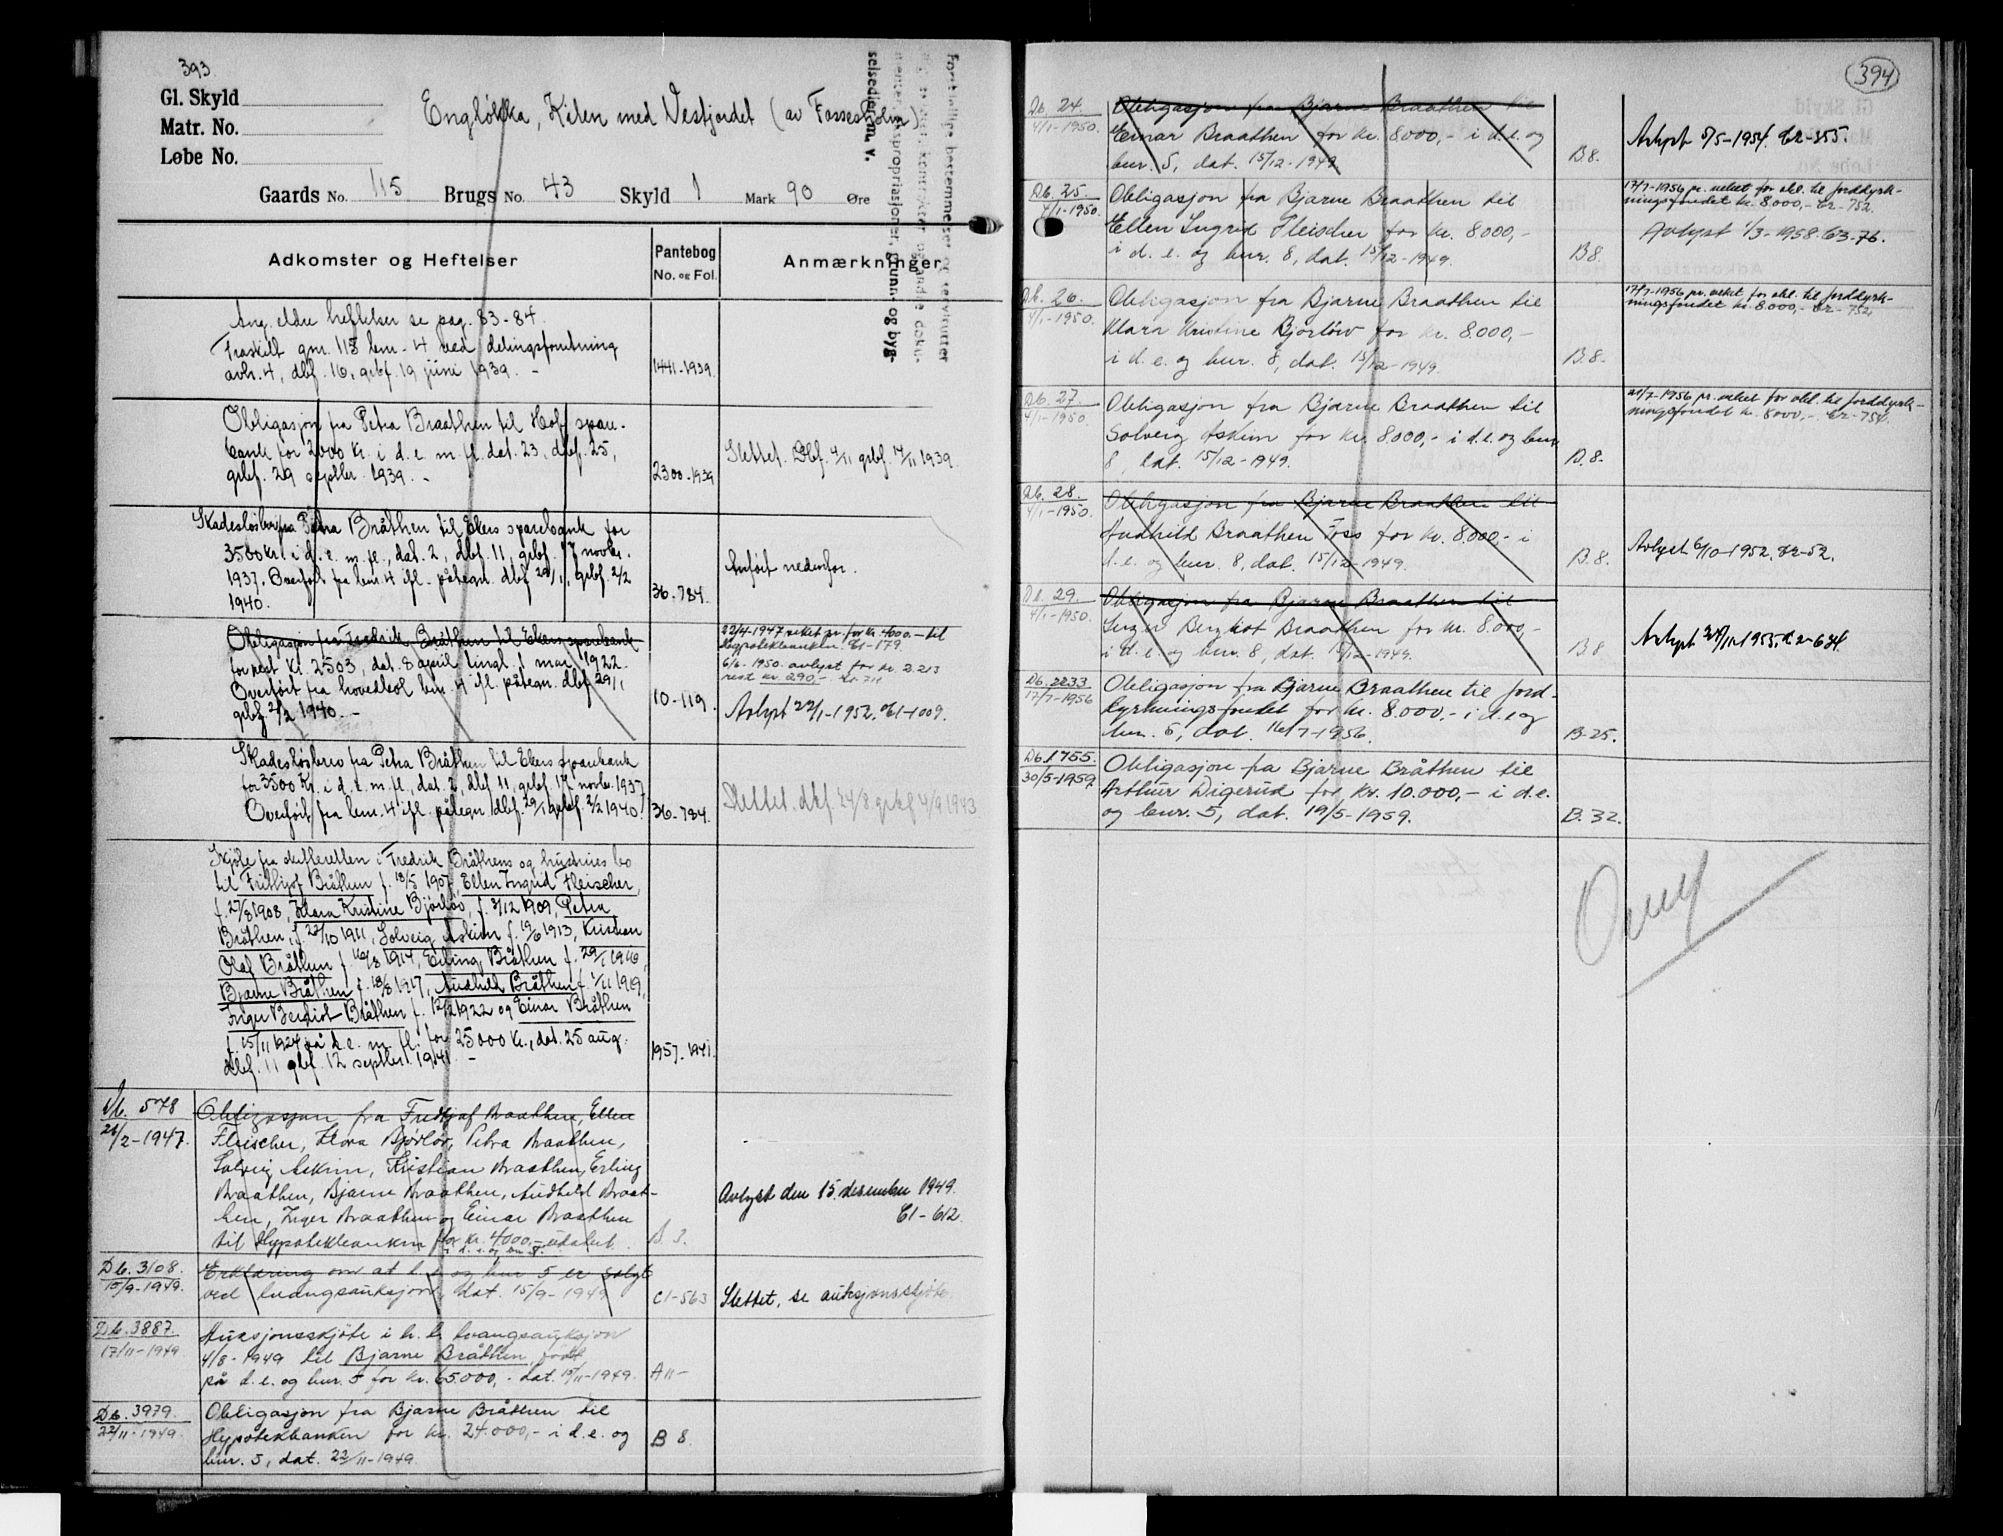 SAKO, Eiker, Modum og Sigdal sorenskriveri, G/Gb/Gbe/L0008: Panteregister nr. V 8, s. 393-394